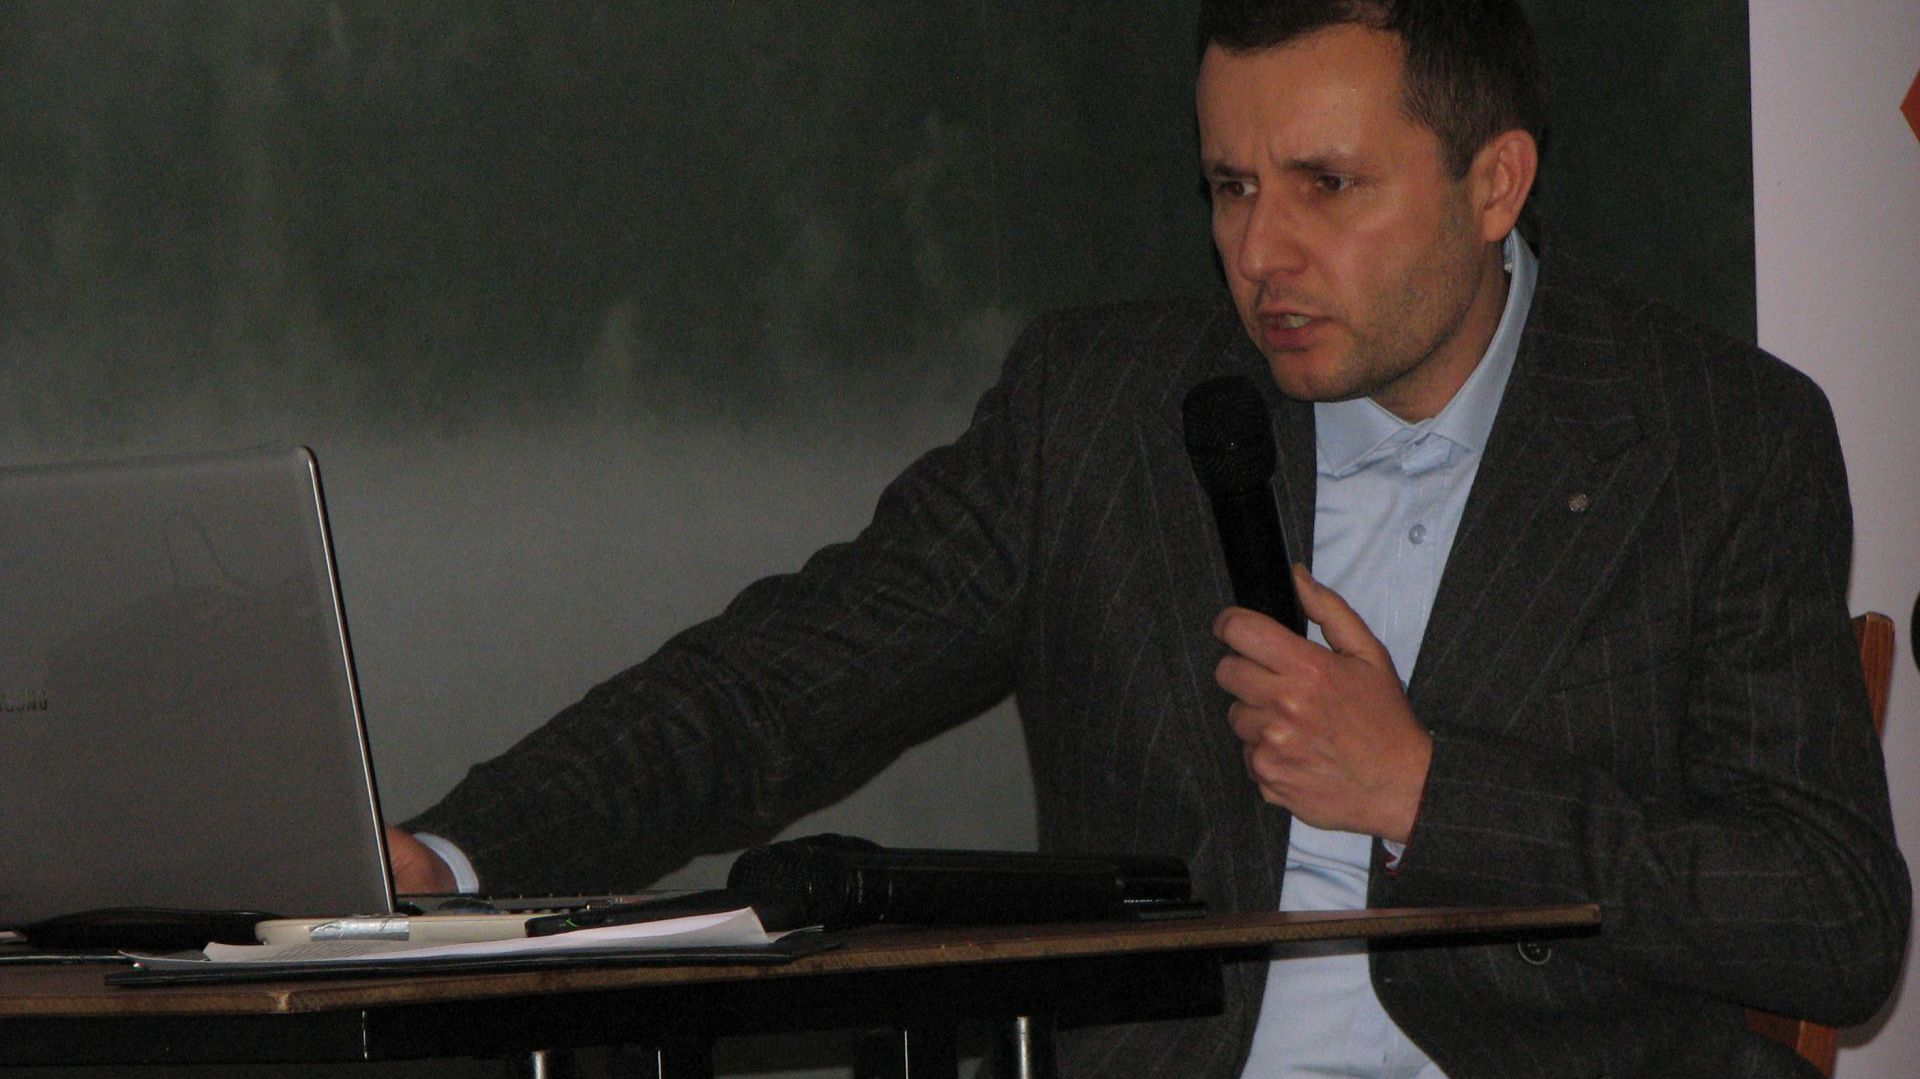 Gość specjalny spotkania - Grzegorz Dżus. Studio Dobrych Rozwiązań, 14.03 Olsztyn